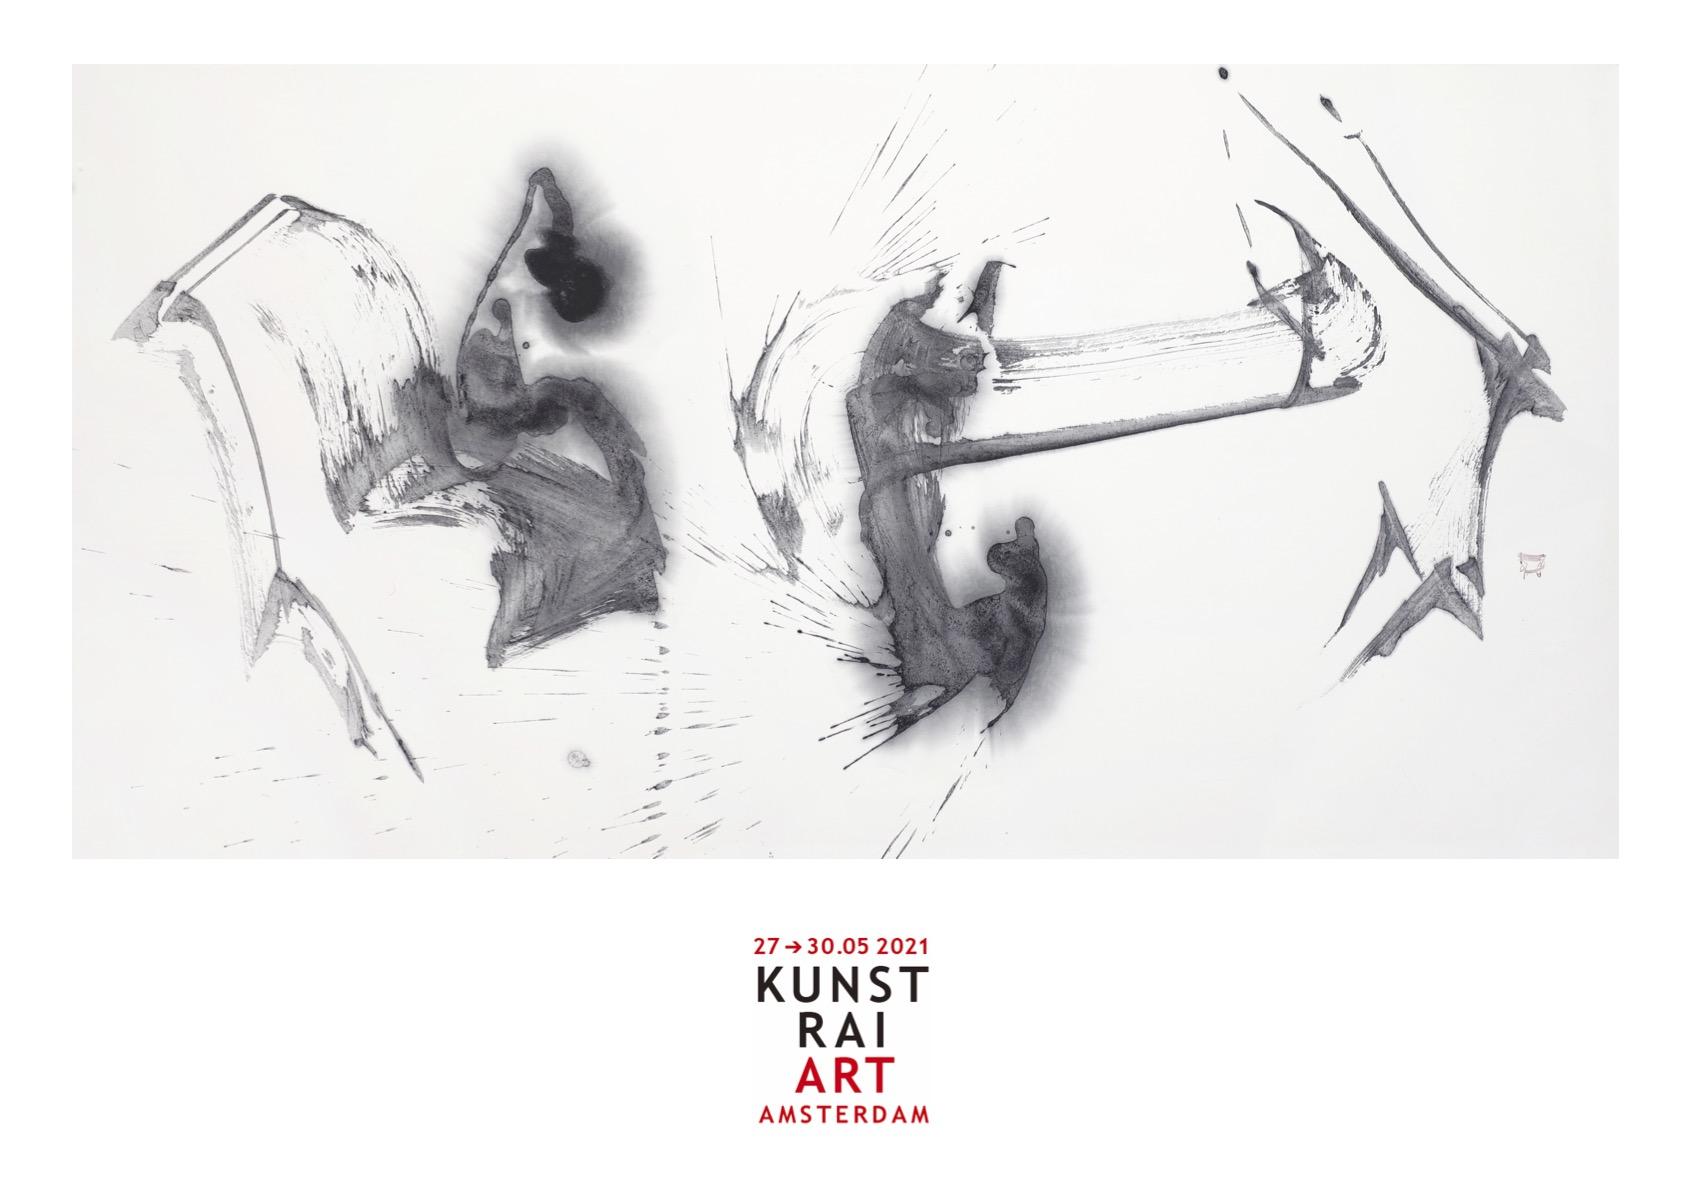 クンスト ライ :  アート アムステルダム 2021  アムステルダム / オランダ